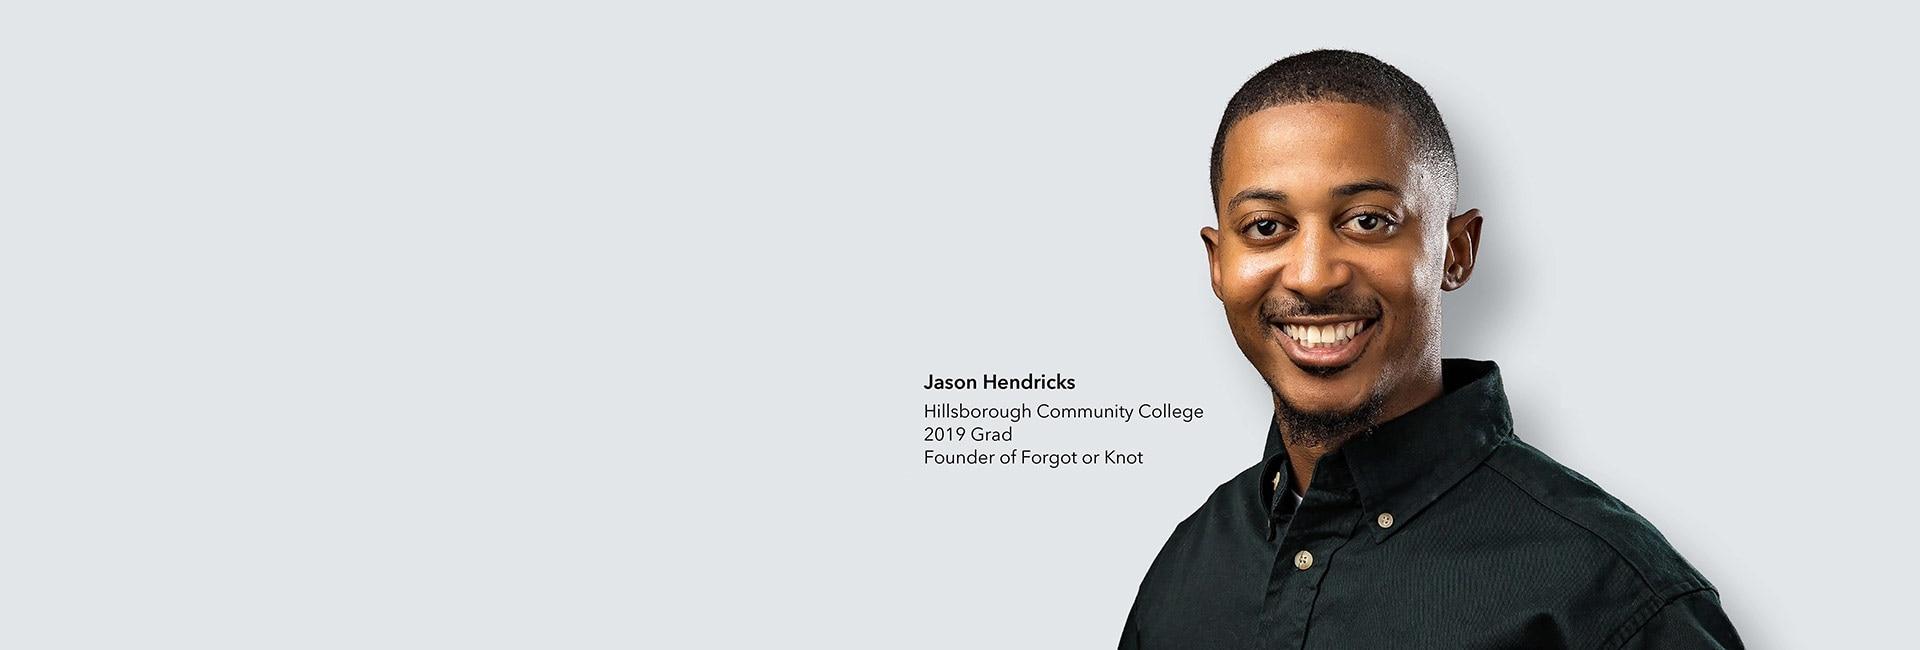 Jason Hendricks, founder of Forgot or Knot, smiling